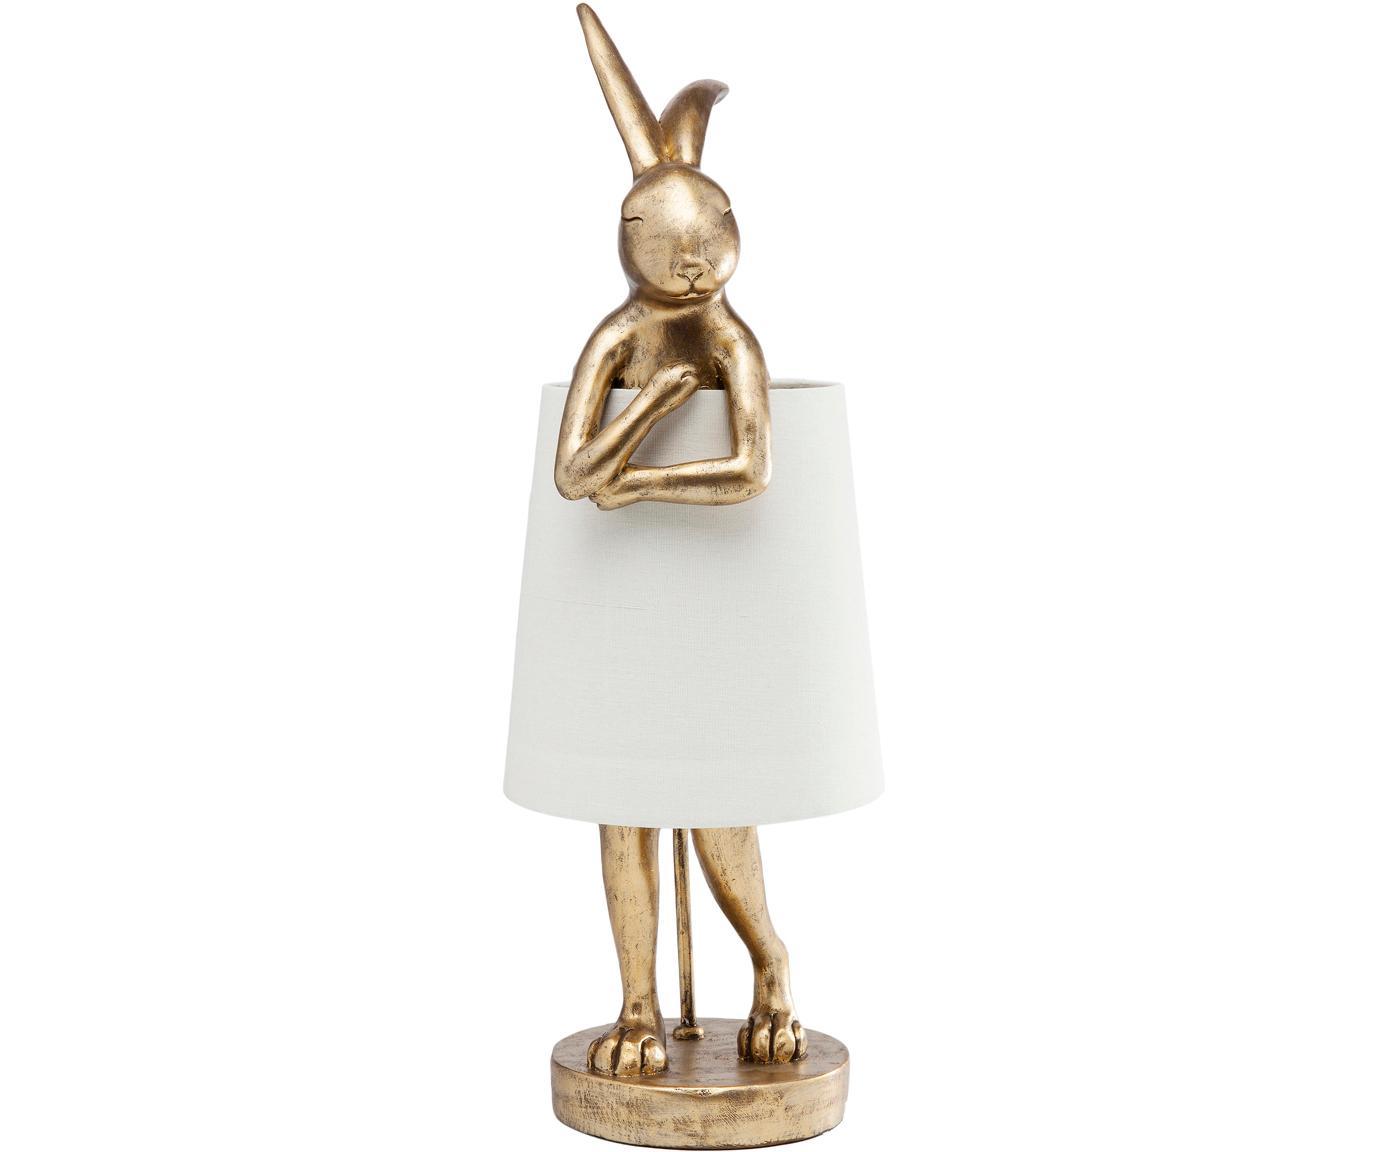 Lámpara de mesa de diseñoRabbit, Pantalla: lino, Estructura: poliresina, Cable: plástico, Blanco, dorado, Ø 23 x Al 68 cm